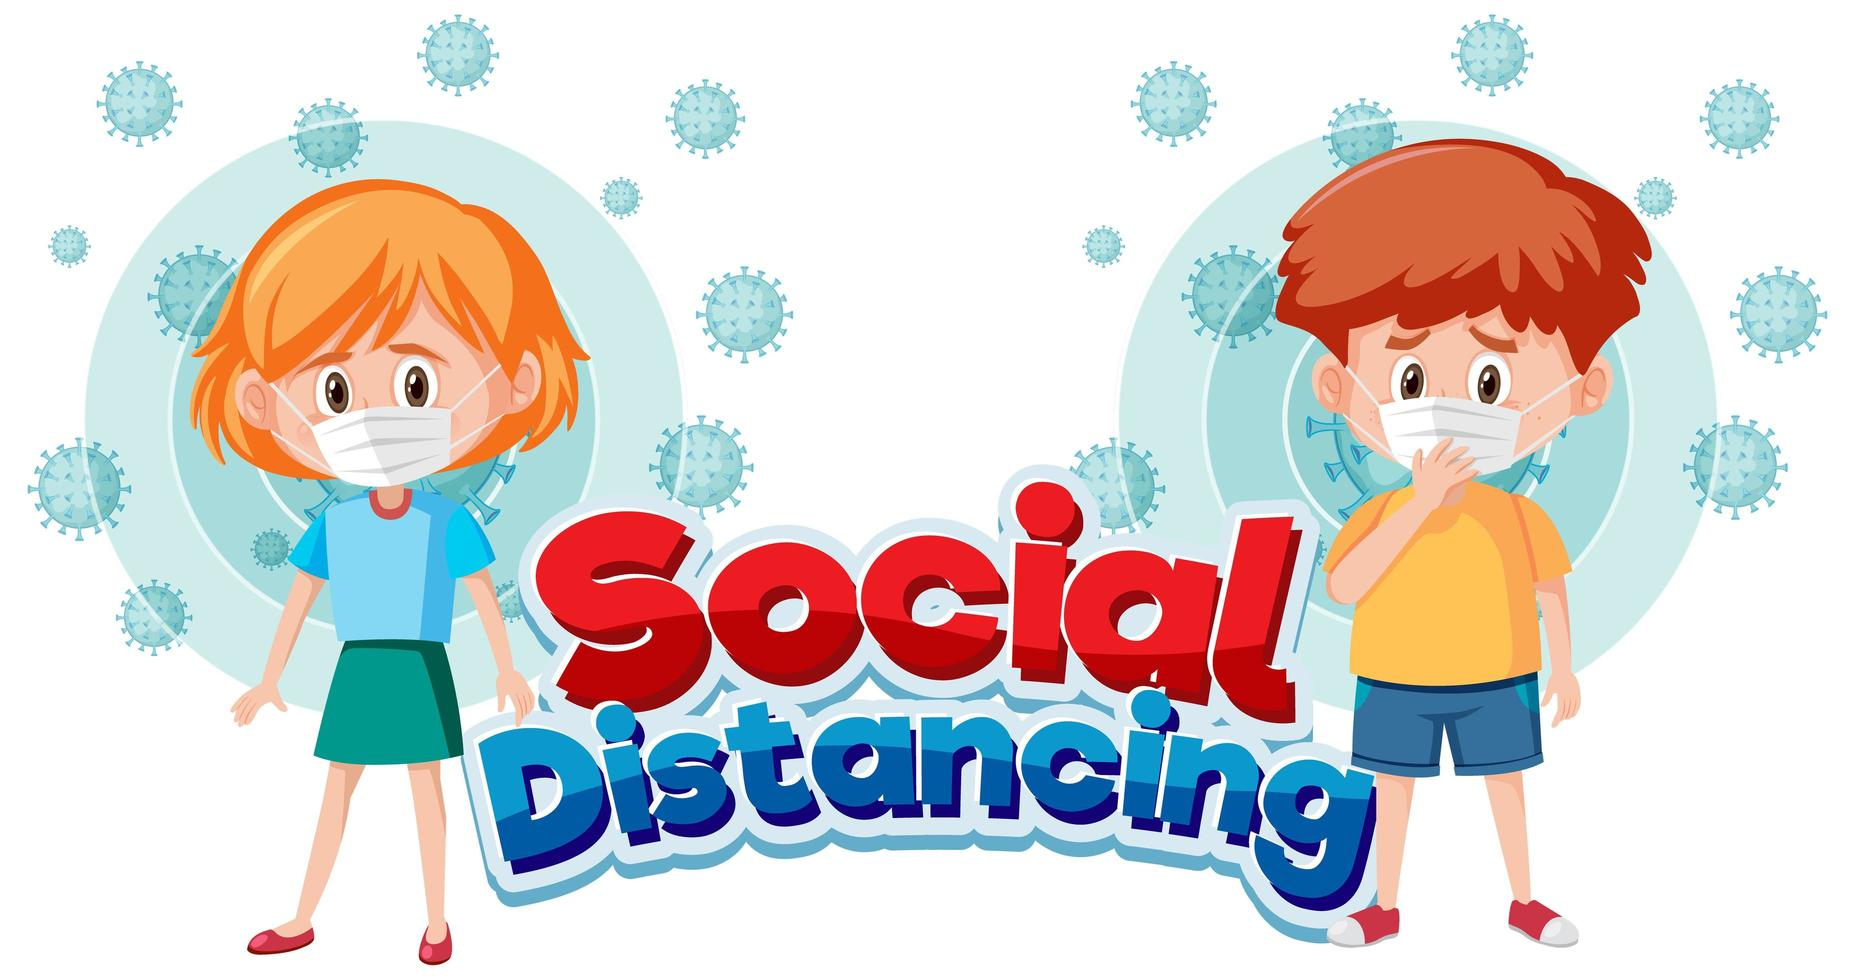 affiche de distanciation sociale du coronavirus avec des enfants portant un masque vecteur